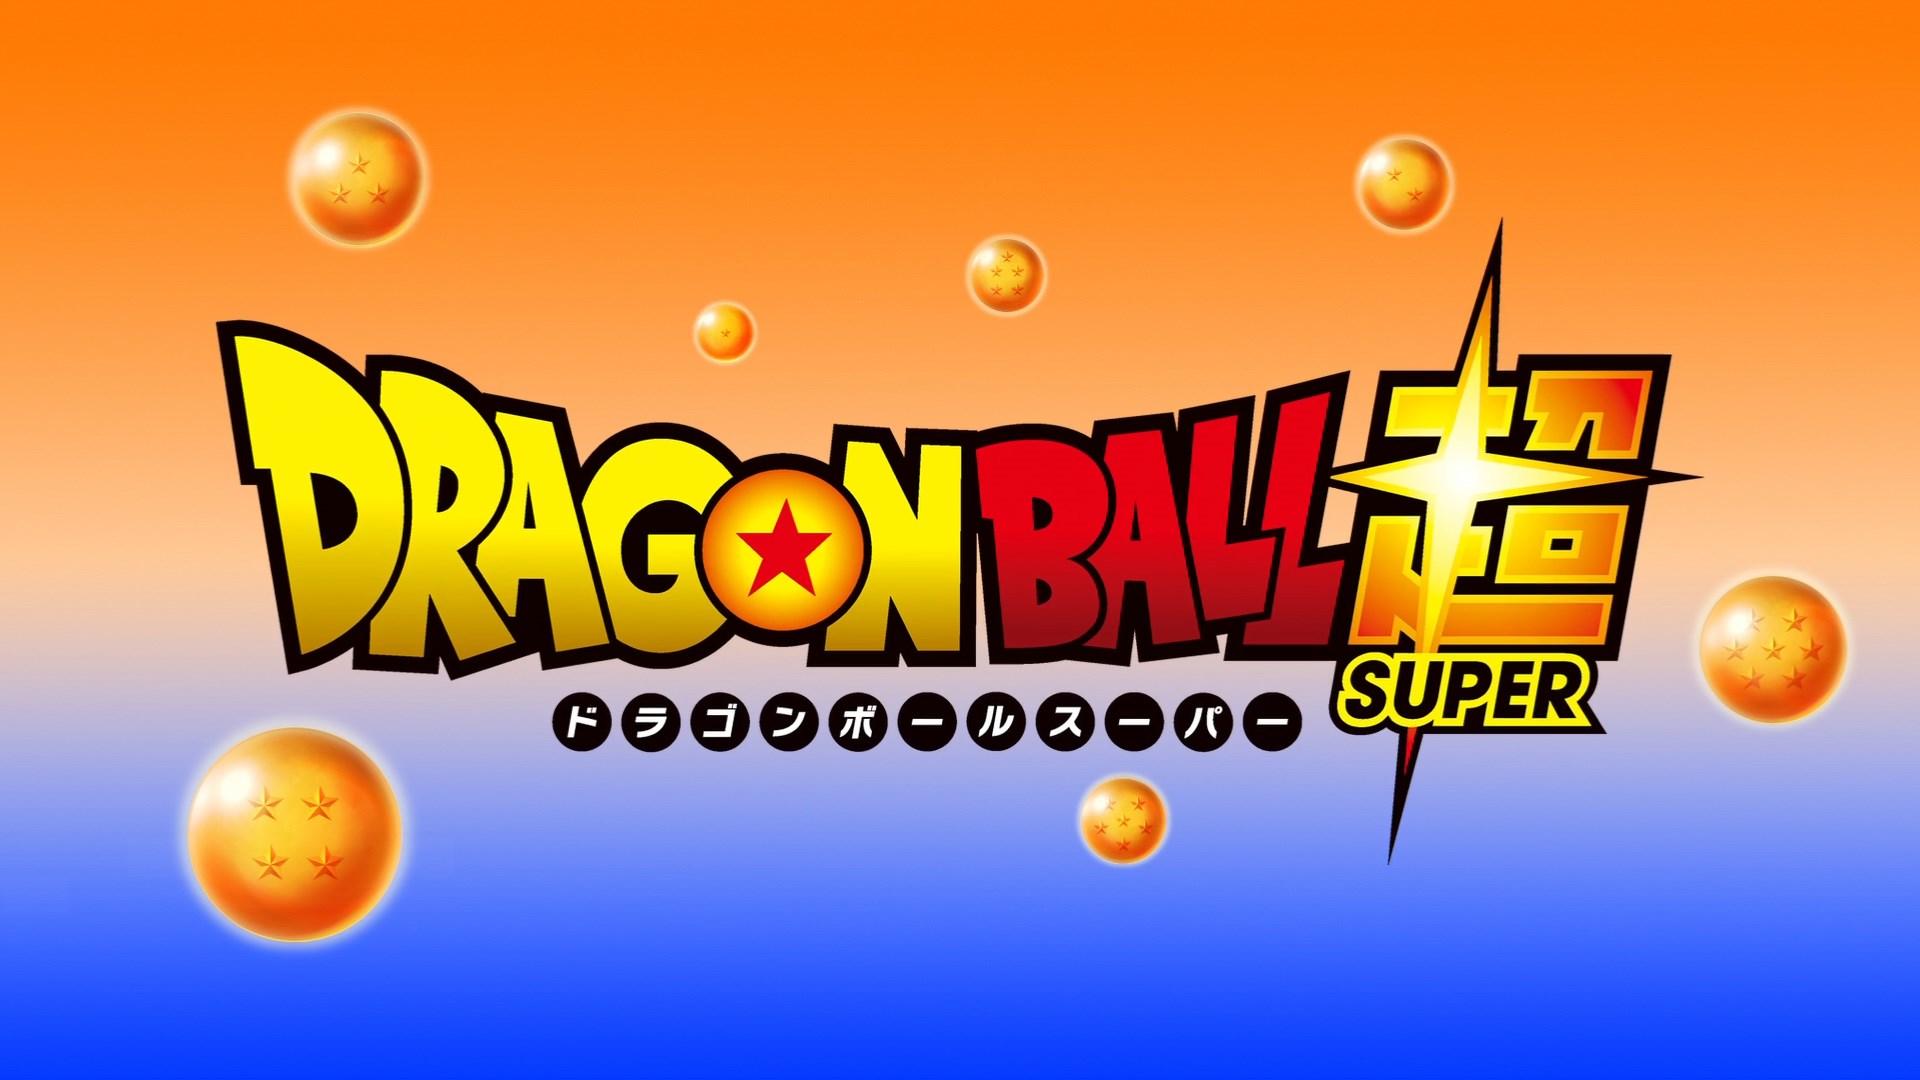 [DS] Dragon Ball Super 070 [1080p].mkv_snapshot_22.50_[2016.12.11_04.00.09]